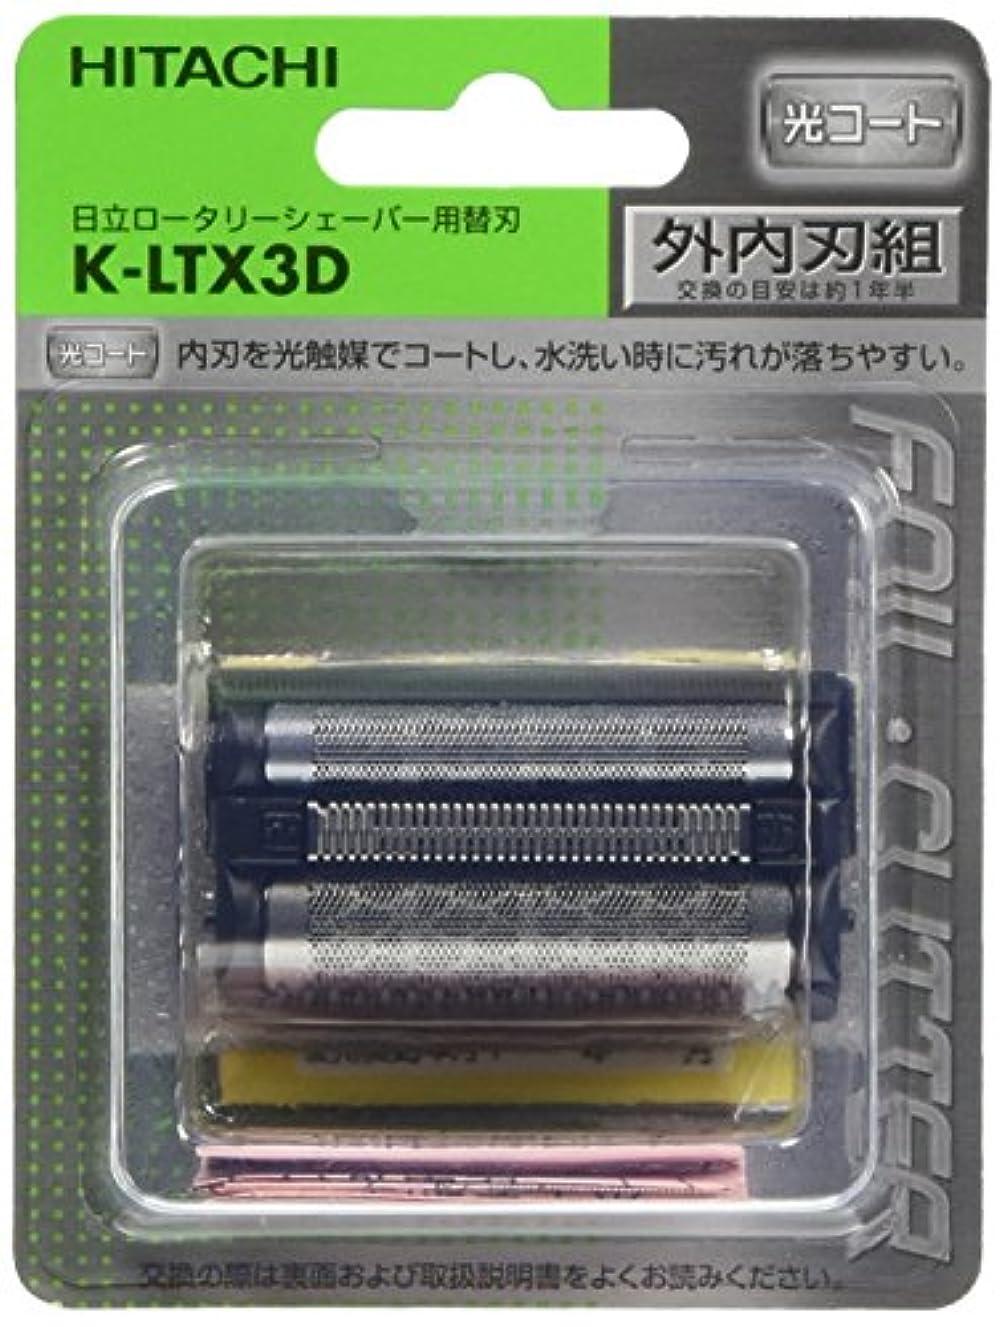 ちらつき流侵入する日立 メンズシェーバー用替刃 K-LTX3D